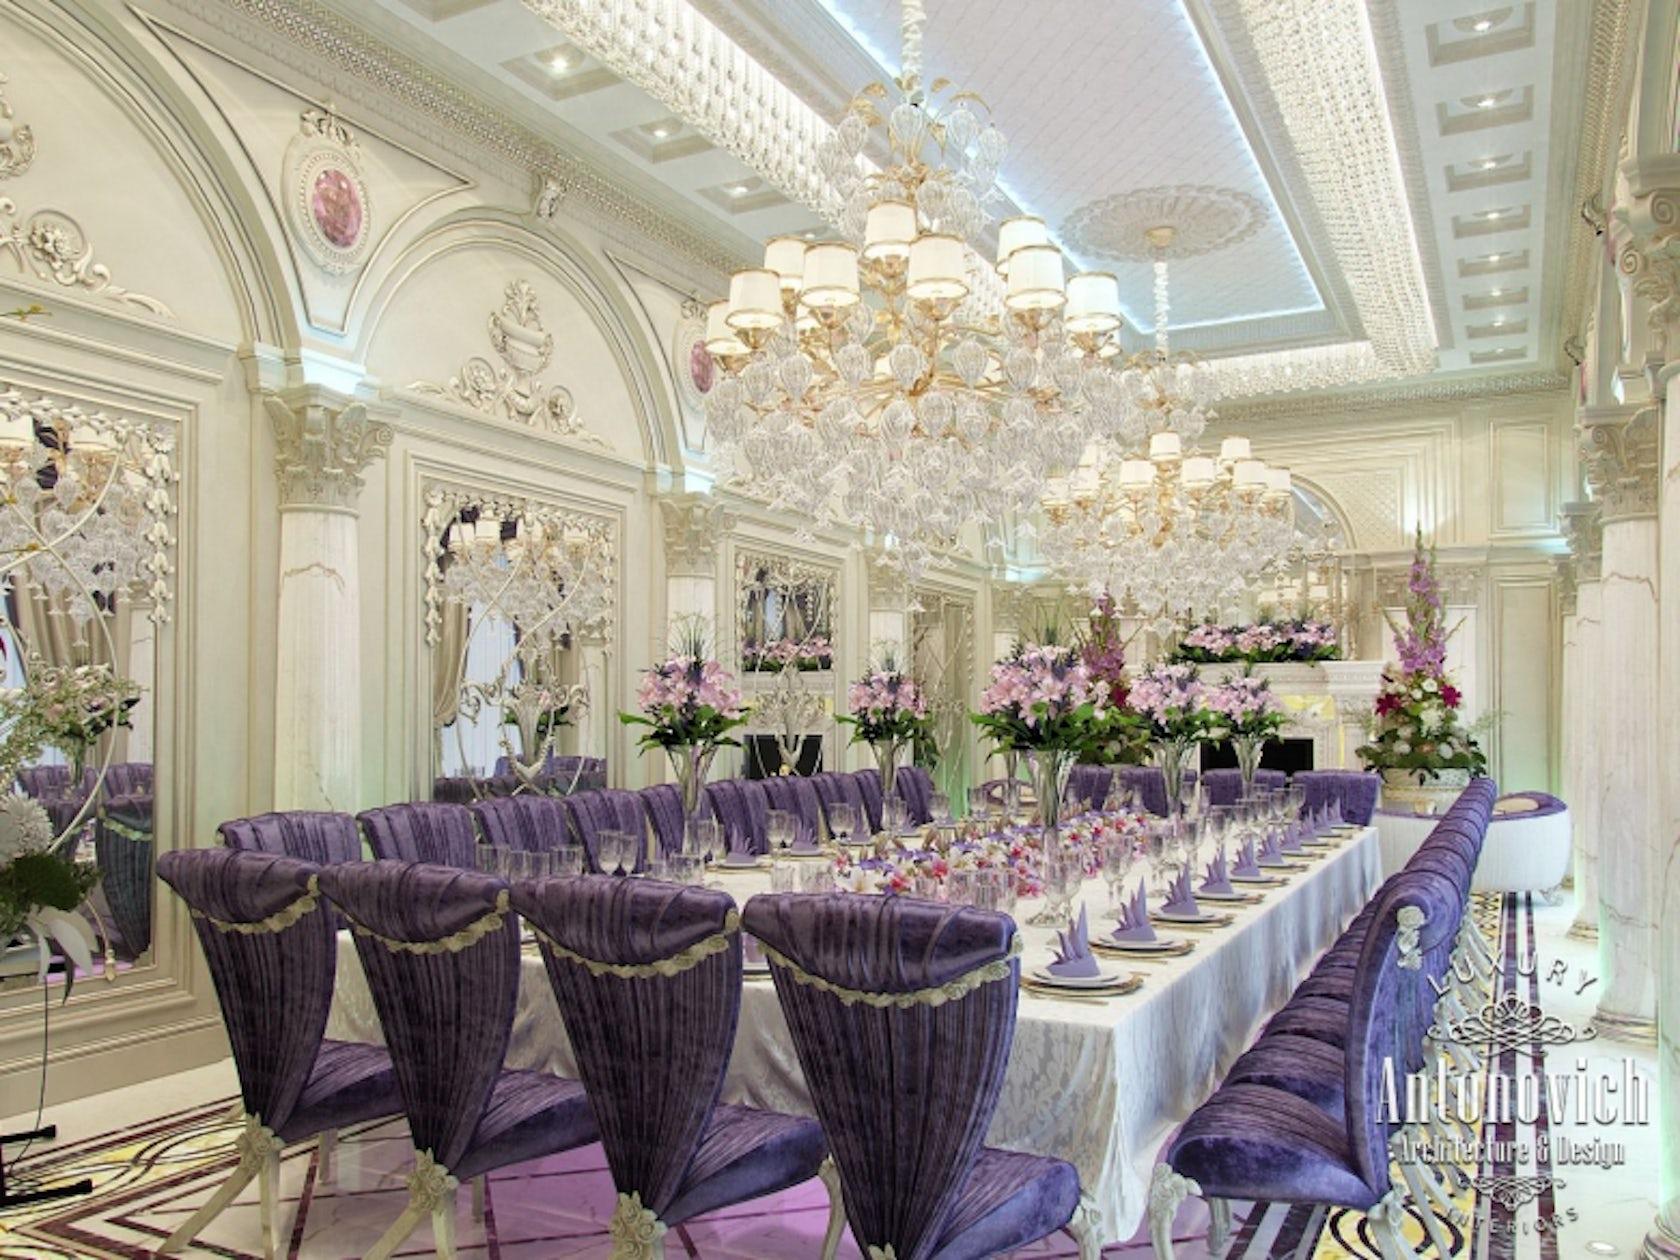 Restaurant interior design dubai from antonovich